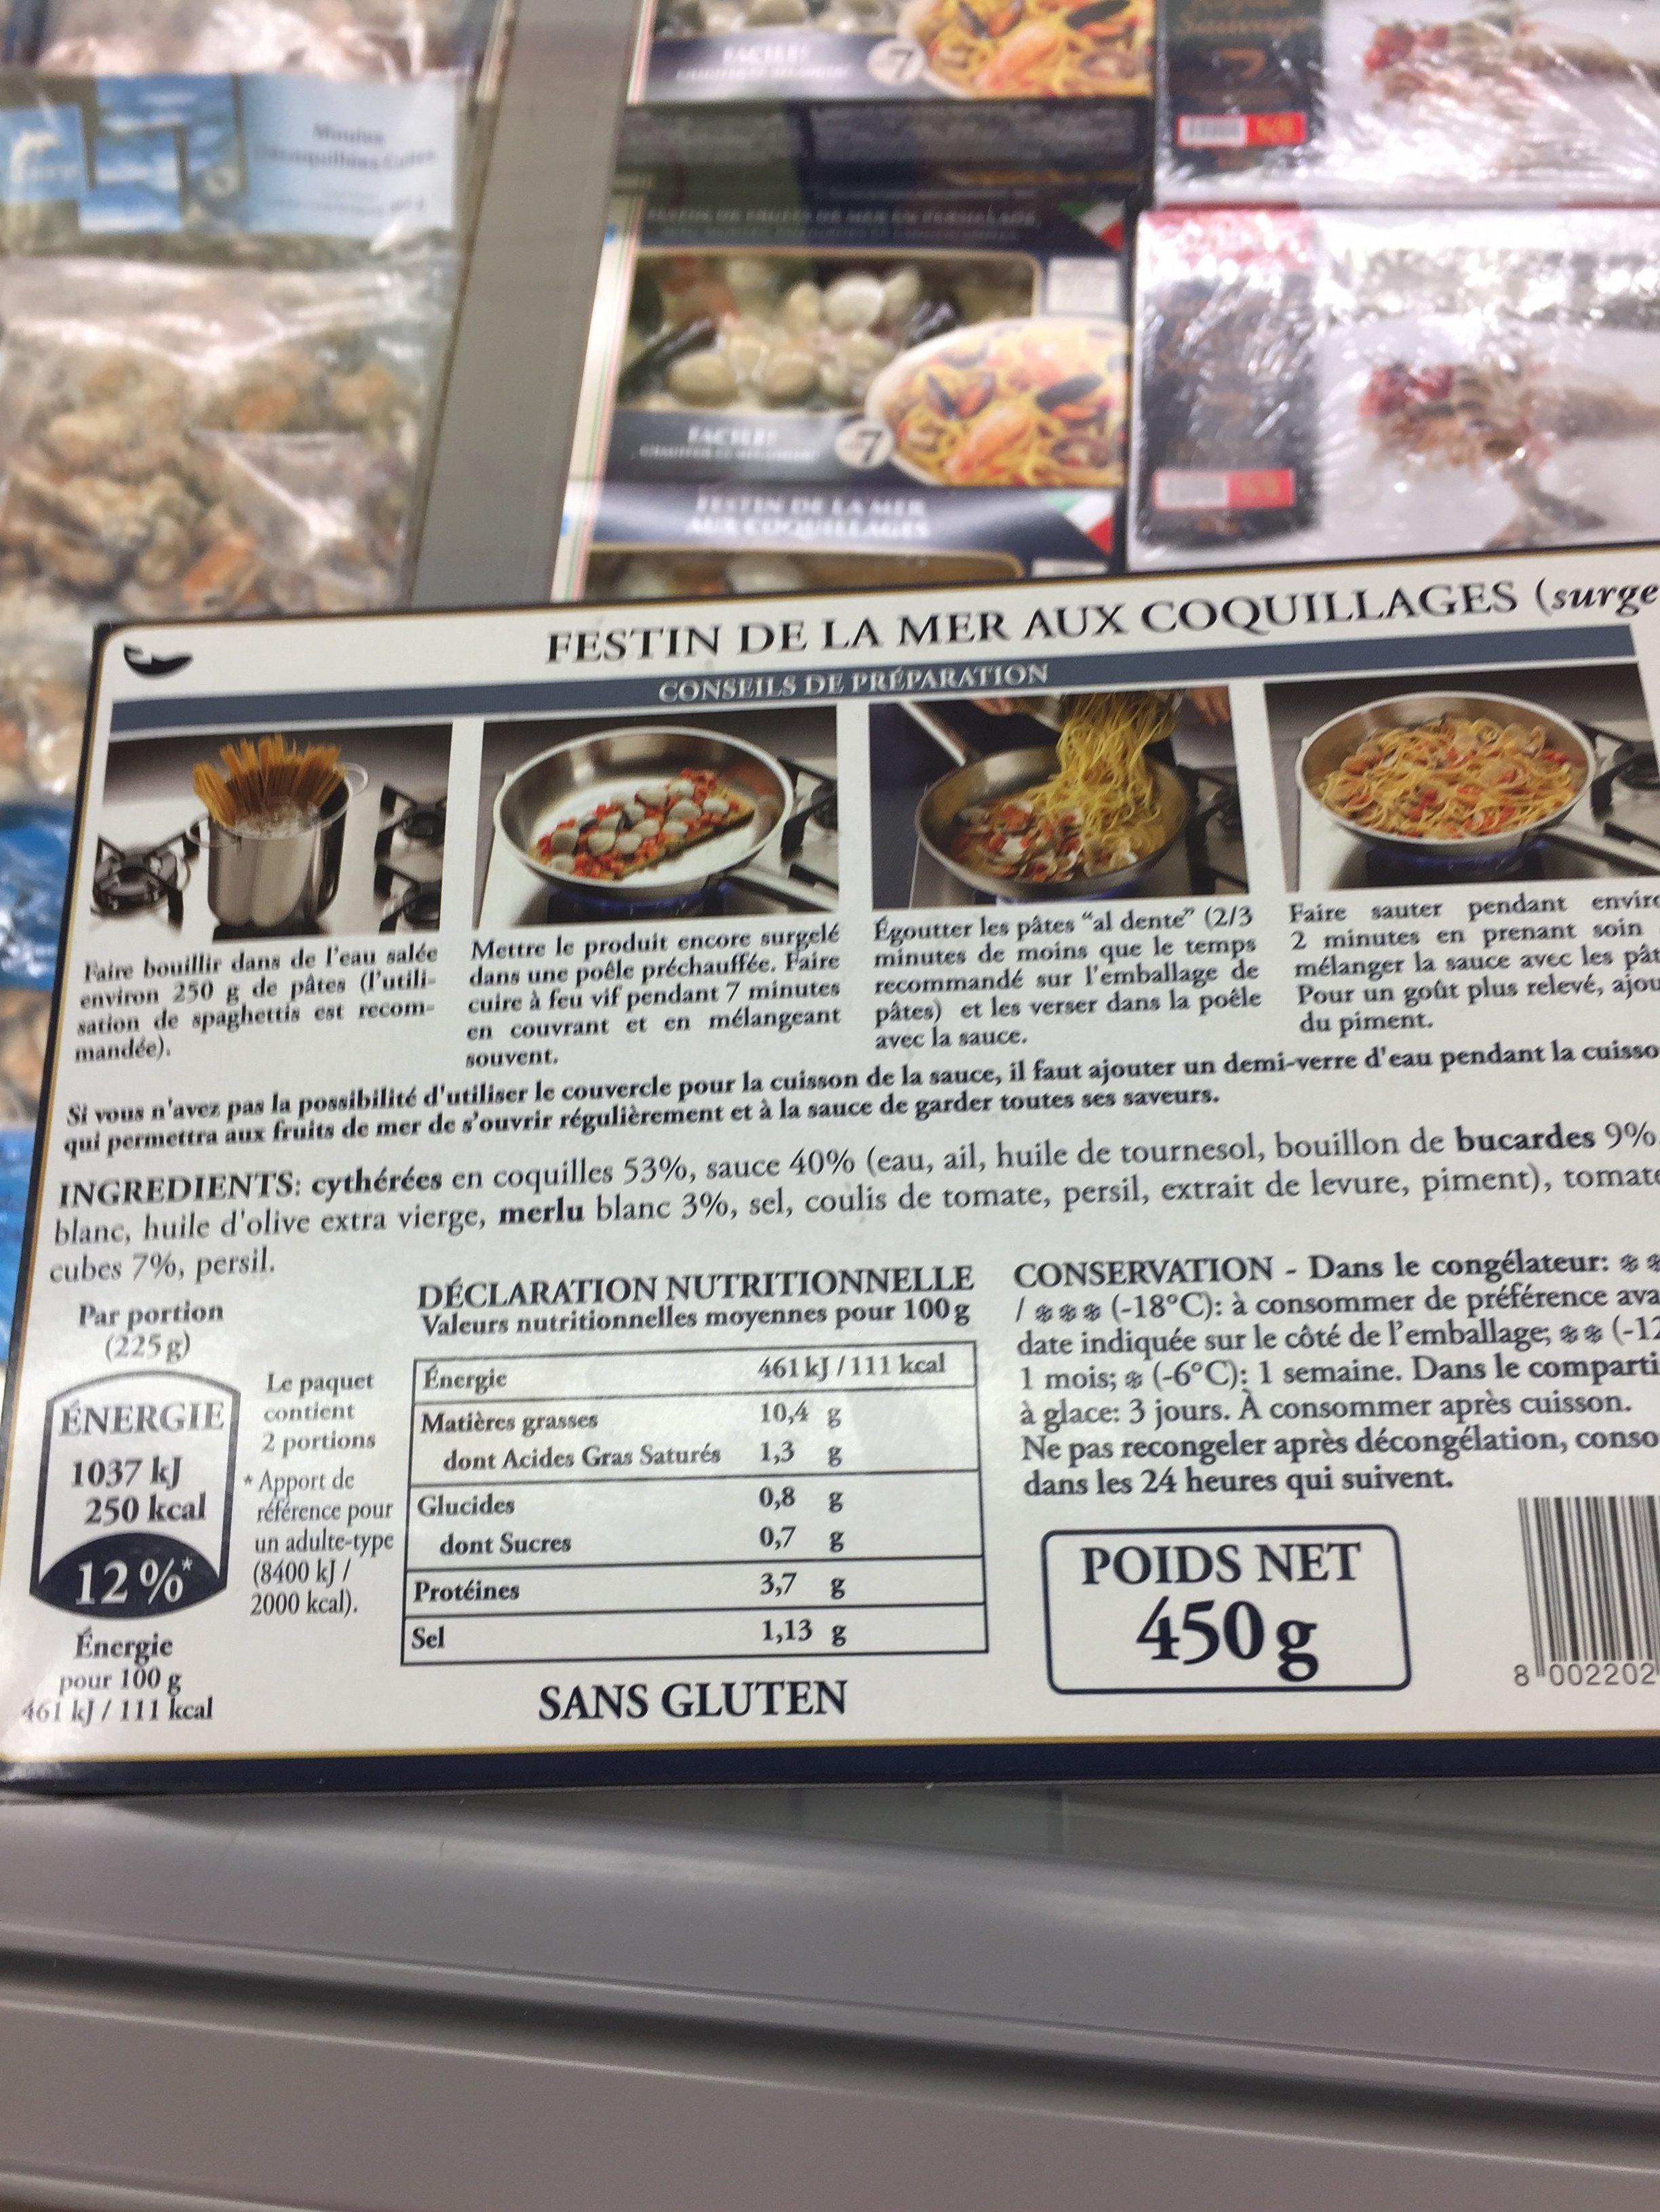 Festin de la mer aux coquillages - Ingrédients